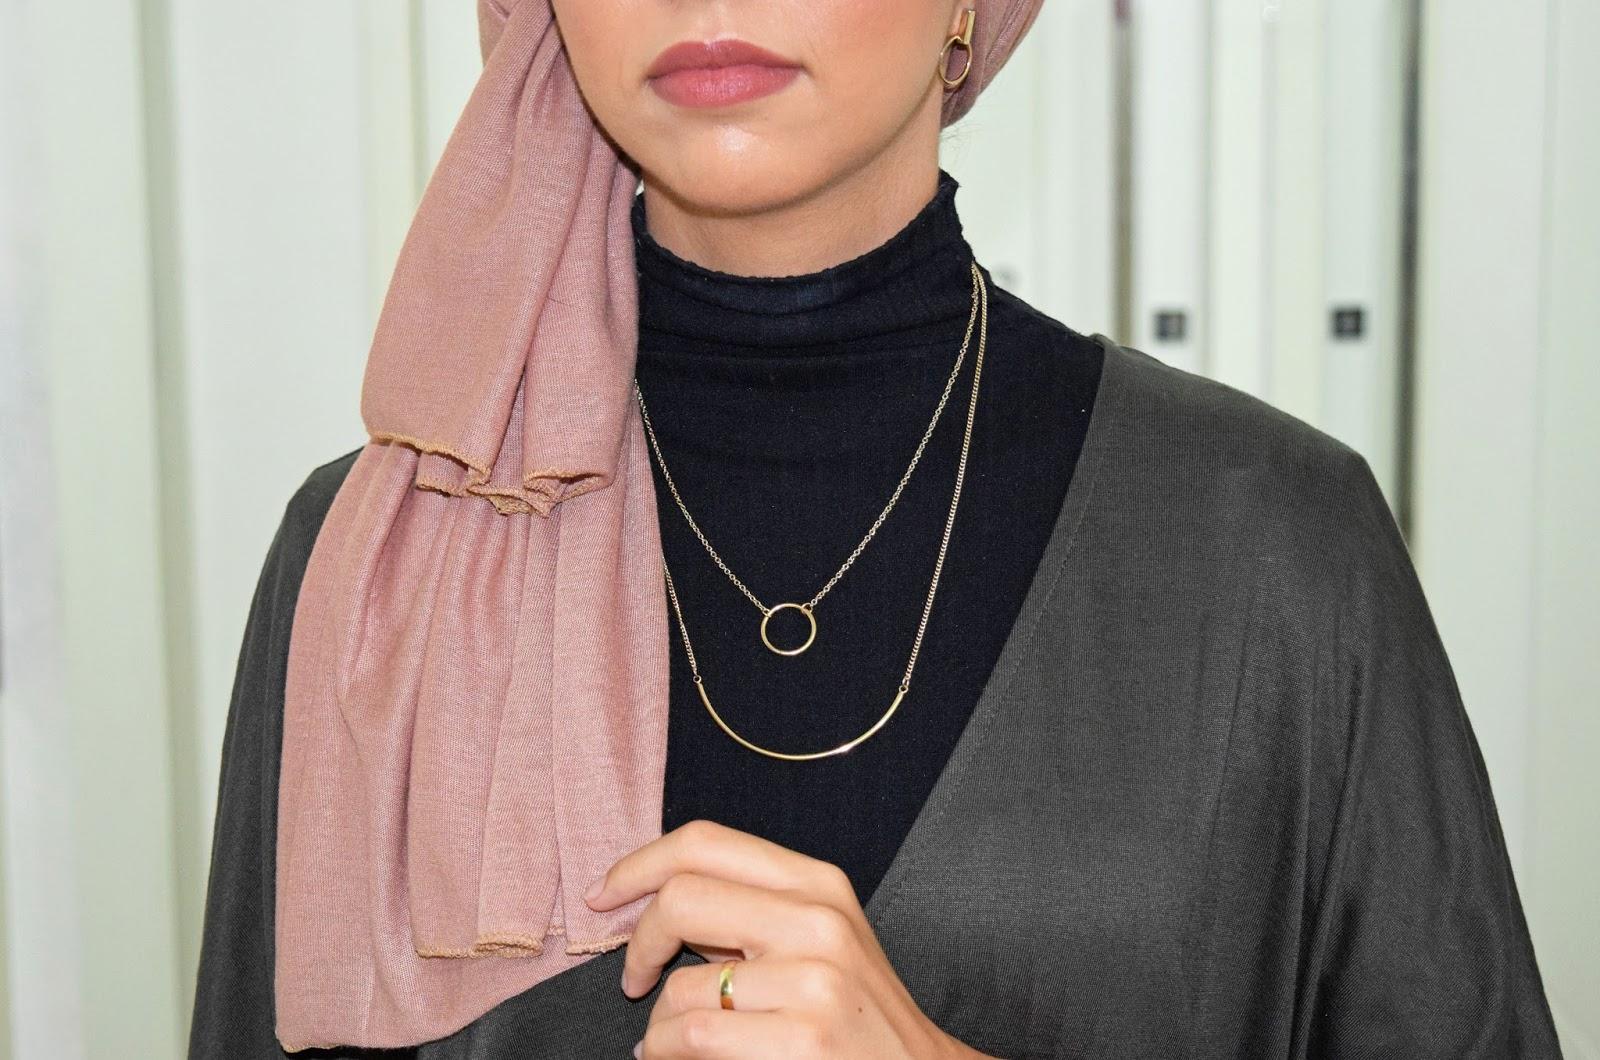 modest fashion, kaftan, hijab, turban, ootd